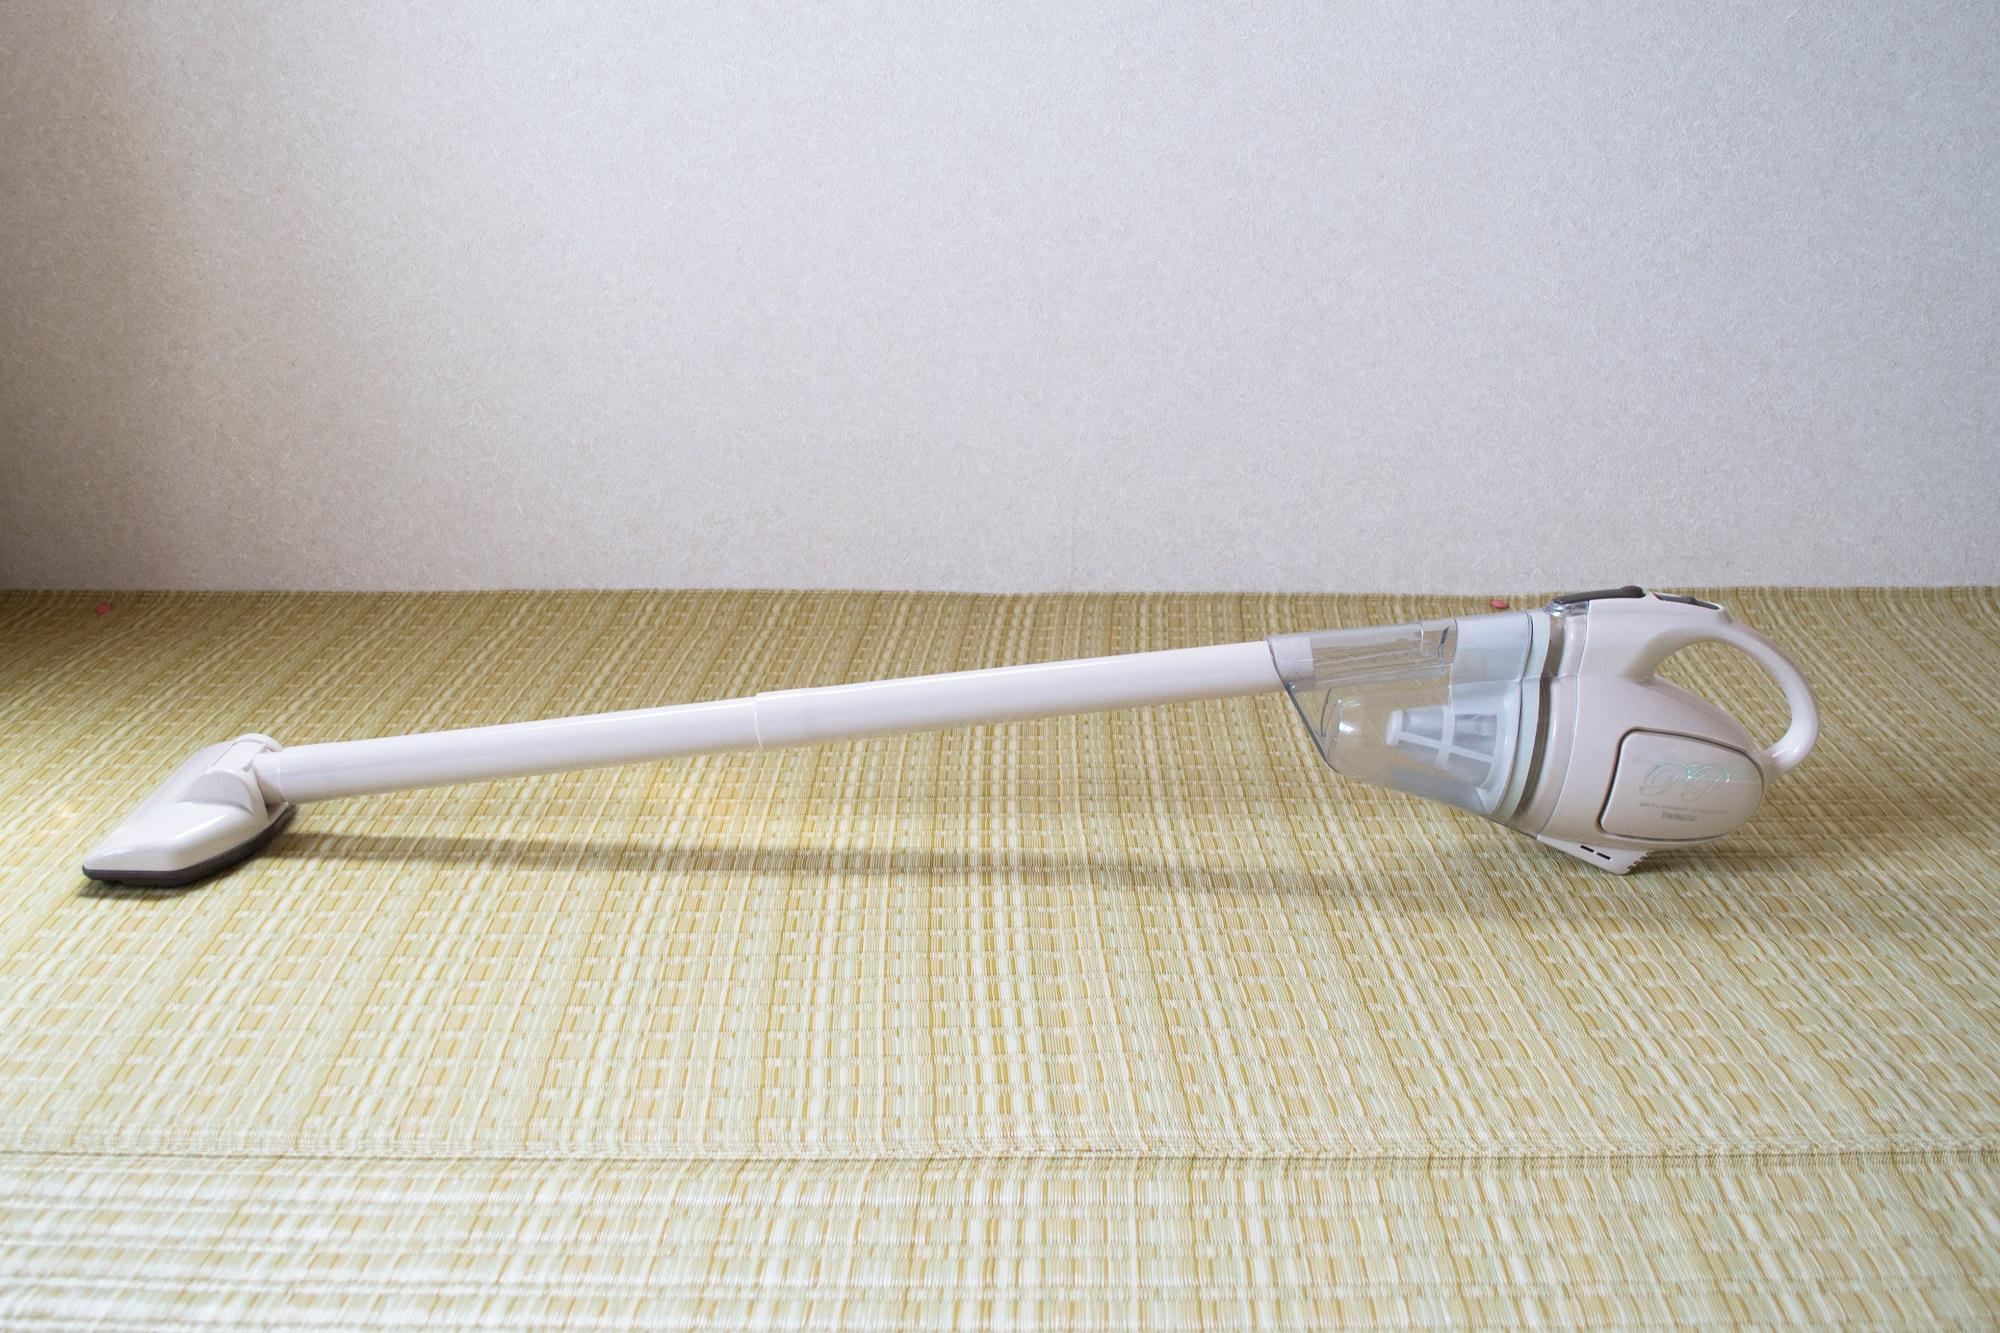 ツインバード サイクロンクリーナー HC-5237